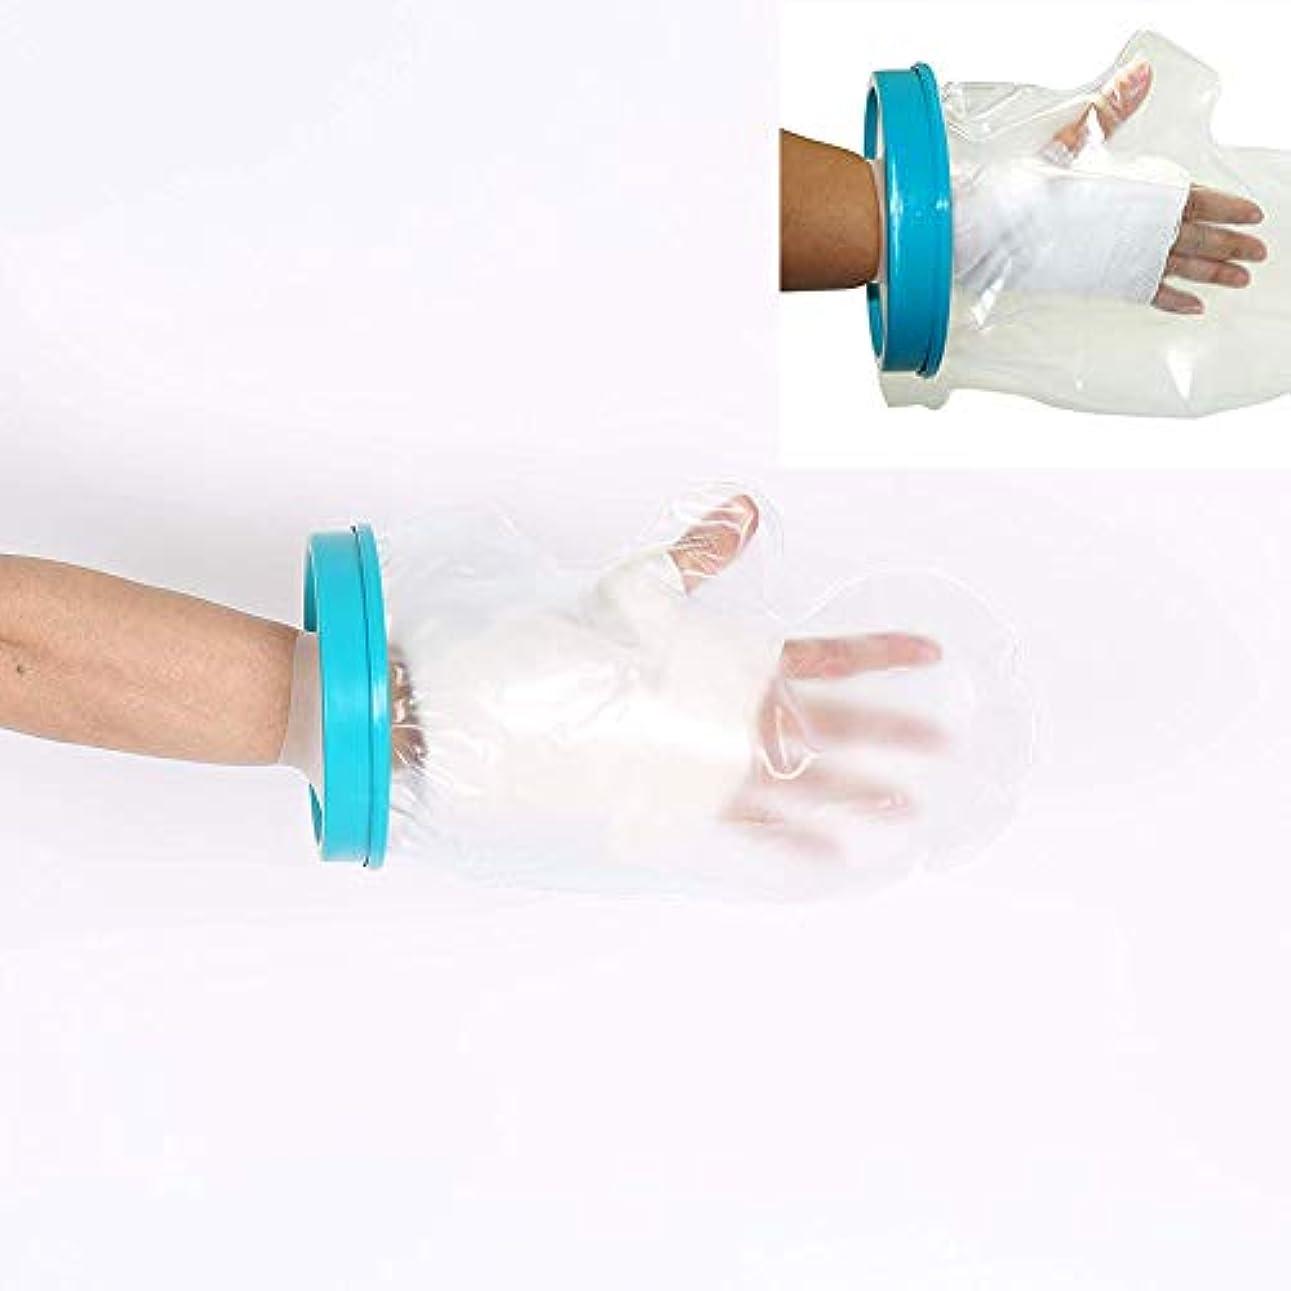 開示する熟練した鋸歯状シャワー防水手袋 - 壊れた手、手首、指、手術、創傷および火傷へのシャワーキャストプロテクター手首キャストスリーブバッグカバー